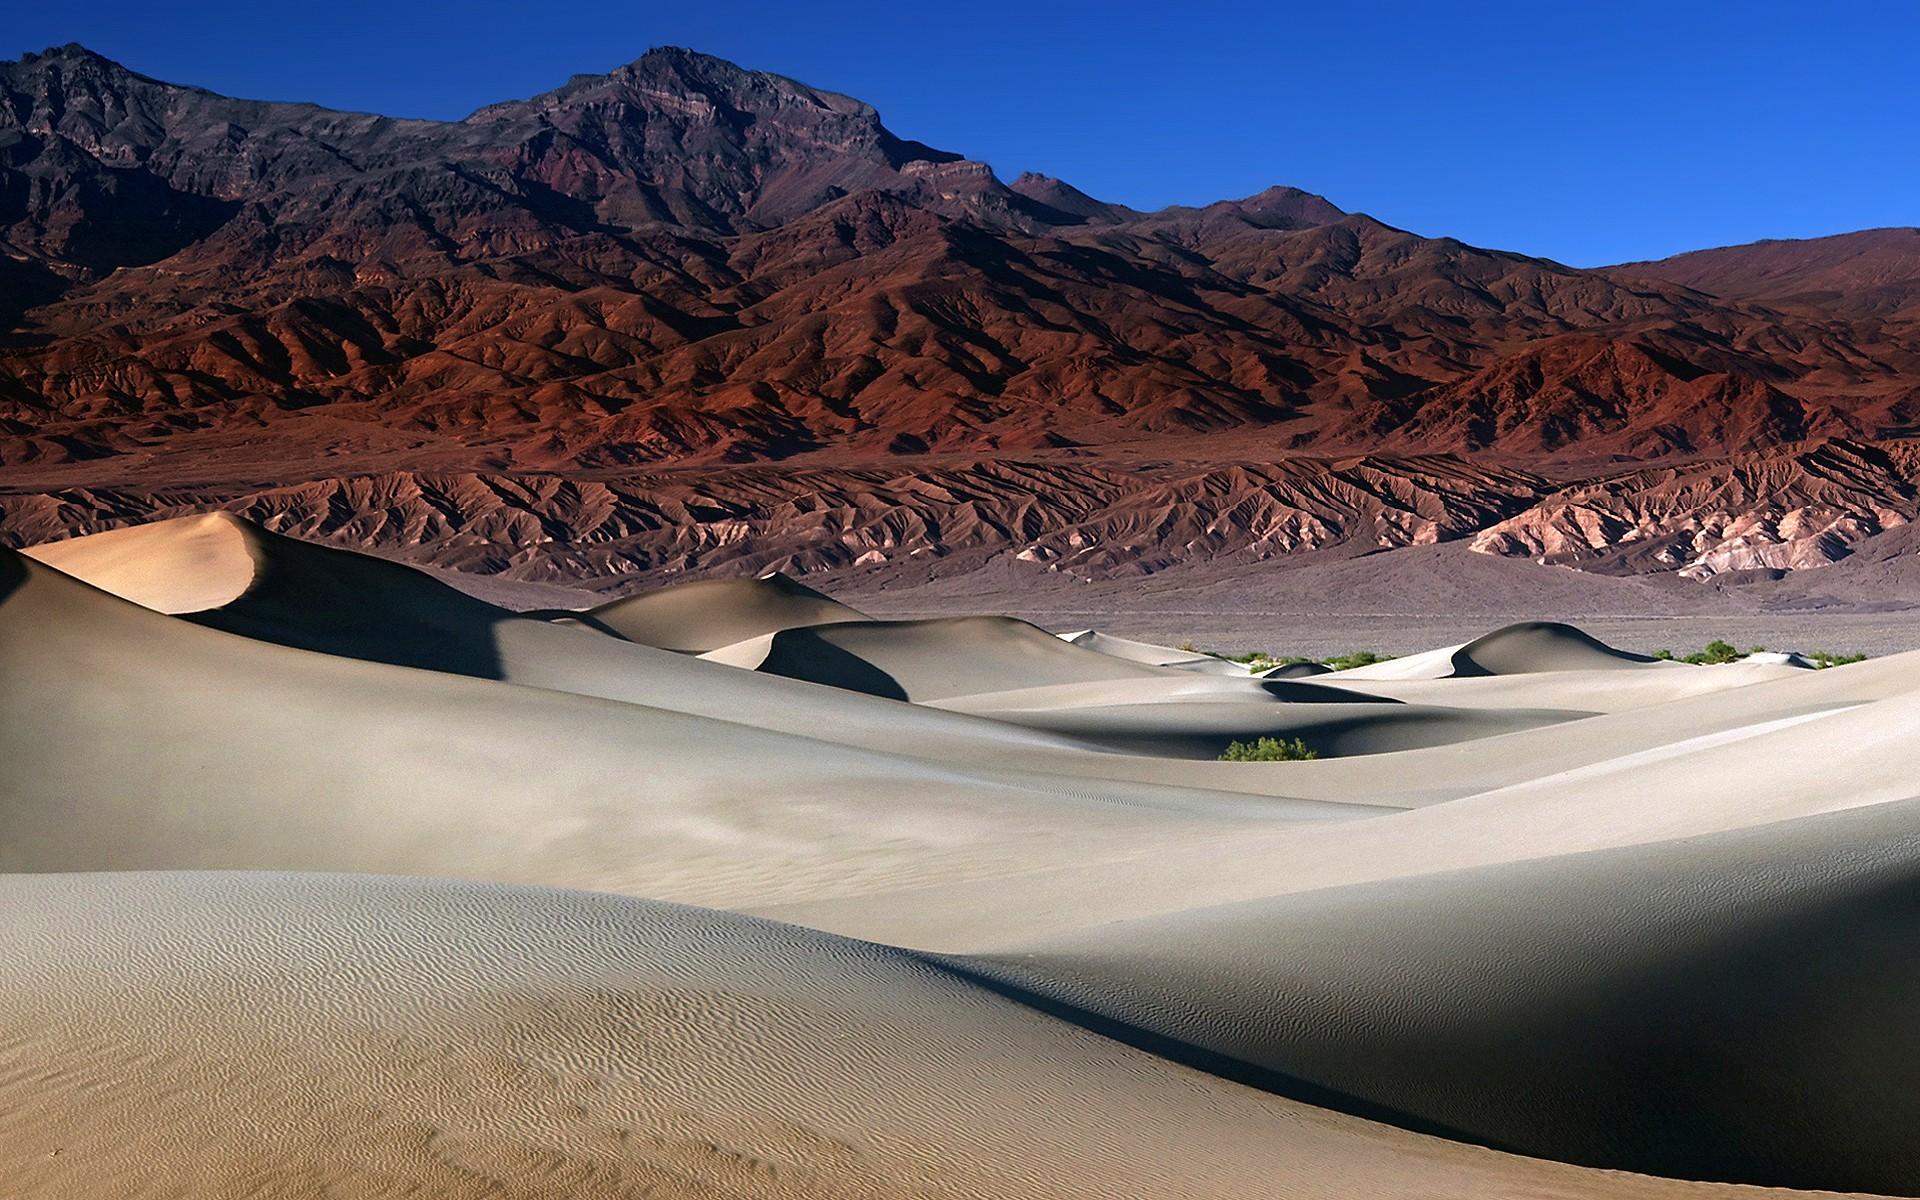 песчаные горы в пустыне  № 3606011 без смс